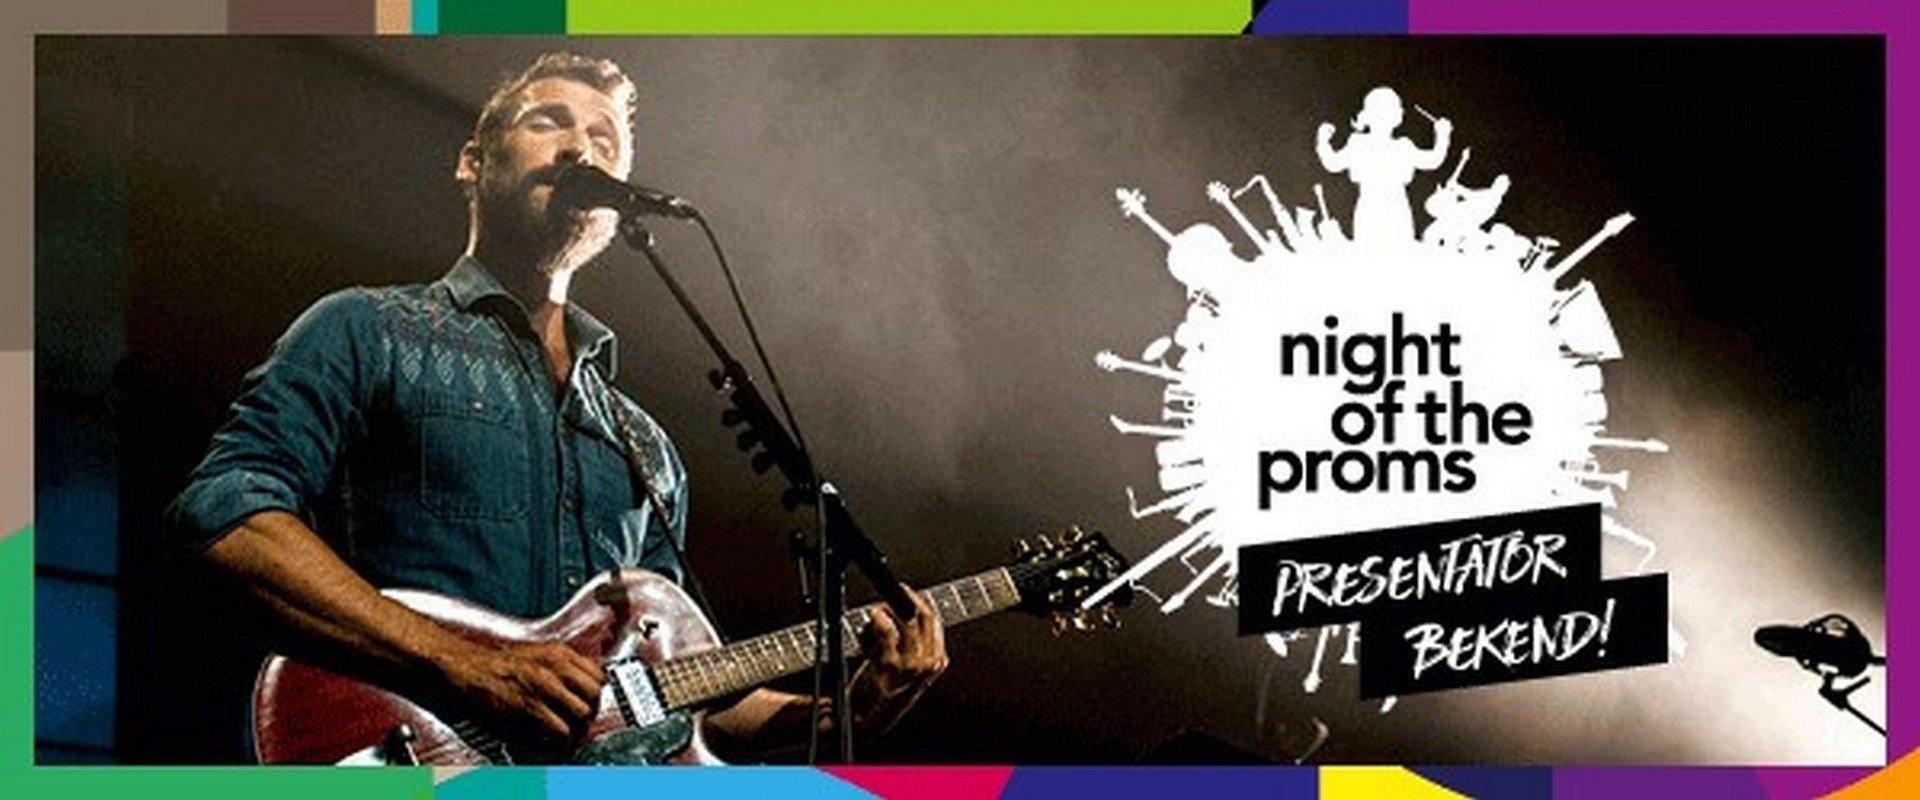 Pieter Embrechts in een dubbelrol op Night of the Proms - Pieter Embrechts 1